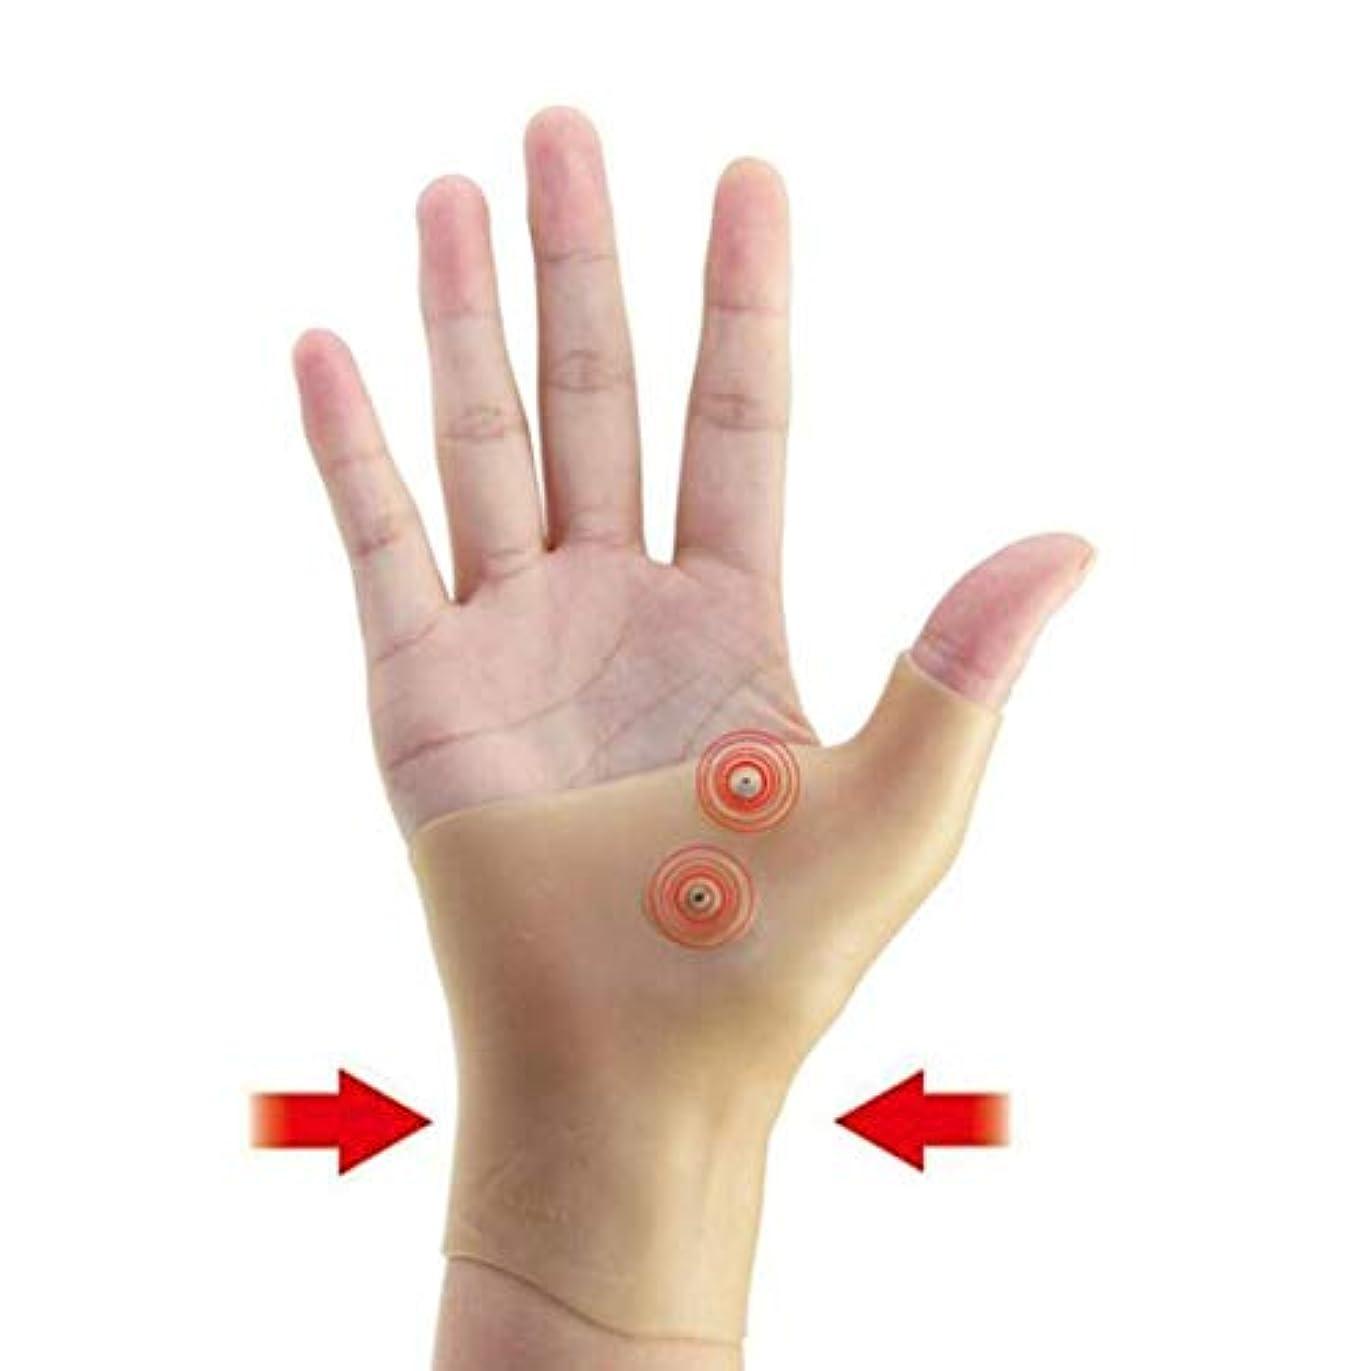 目的である塗抹磁気療法手首手親指サポート手袋シリコーンゲル関節炎圧力矯正器マッサージ痛み緩和手袋 - 肌の色